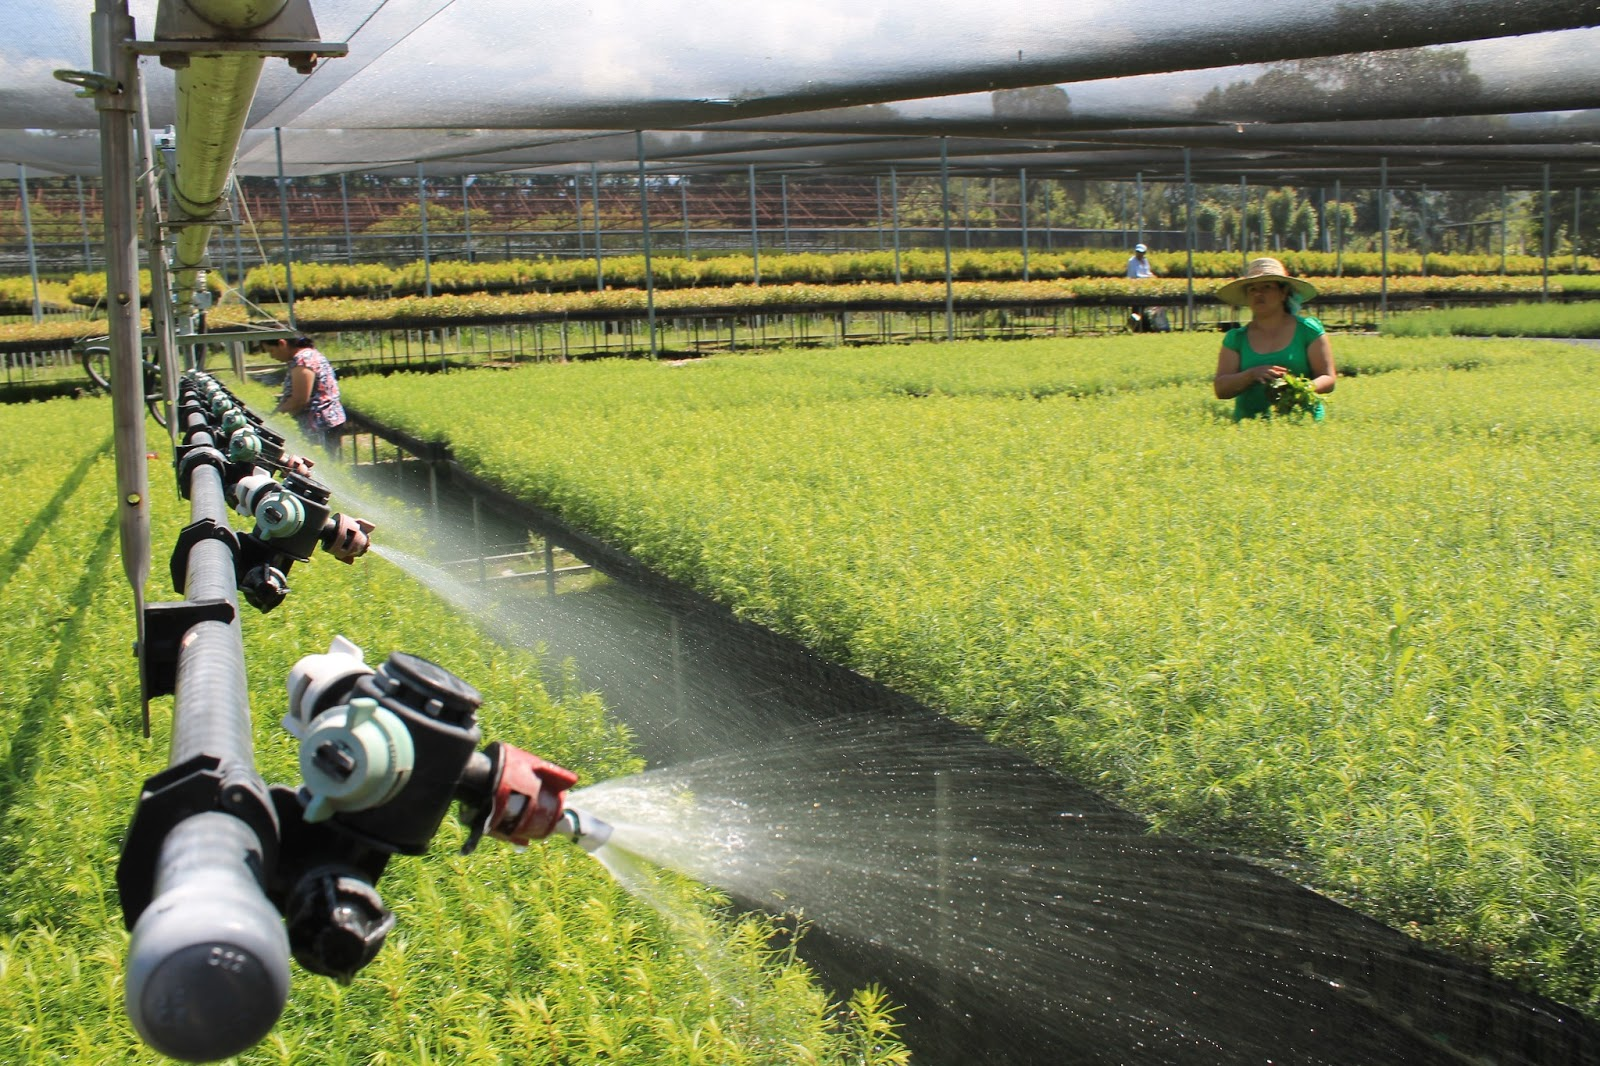 Desarrollo sustentable lista la producci n de planta en for Manual de viveros forestales pdf